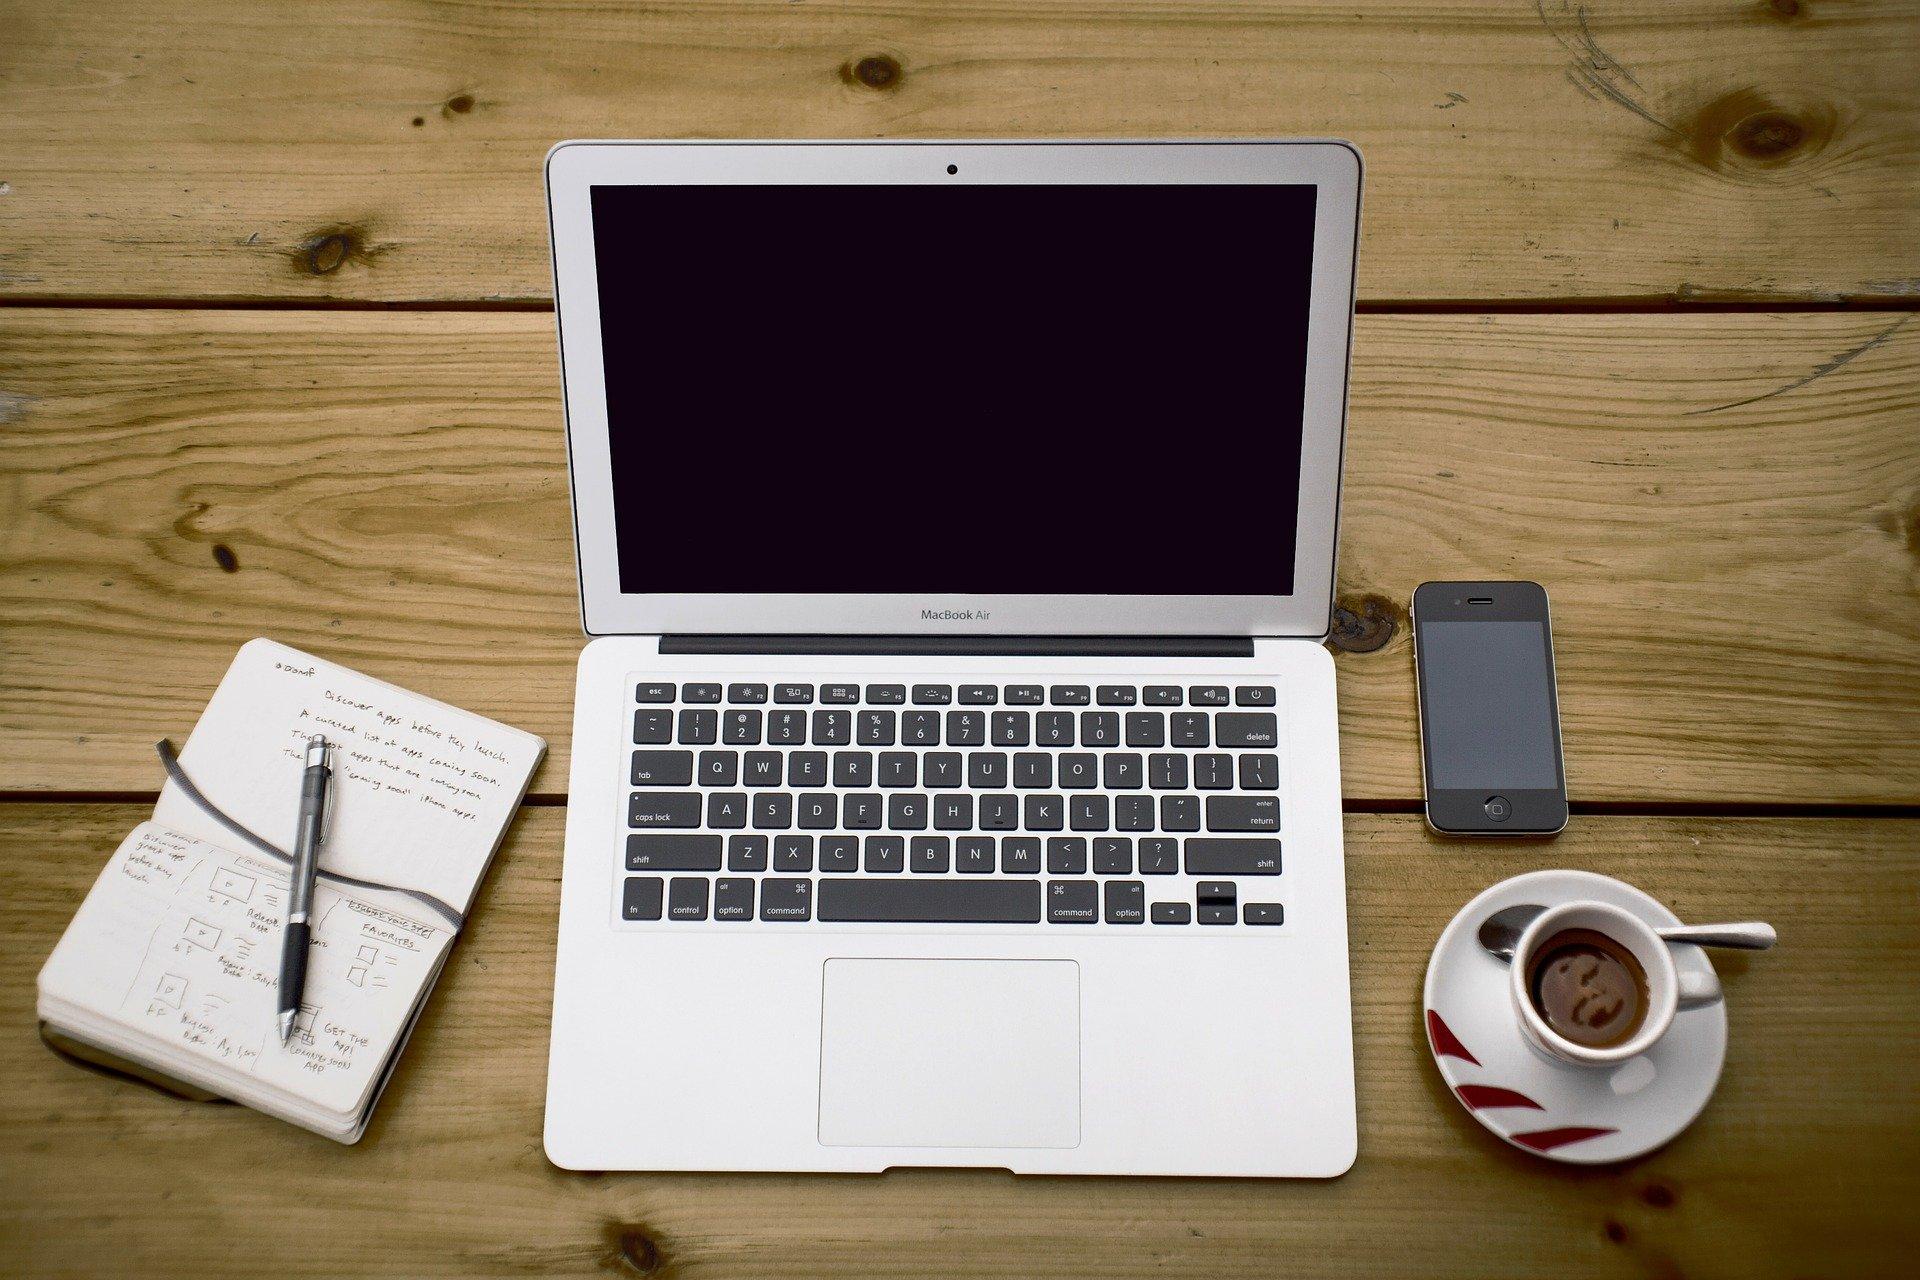 Economia: saiba como comprar um notebook em tempos de crise econômica